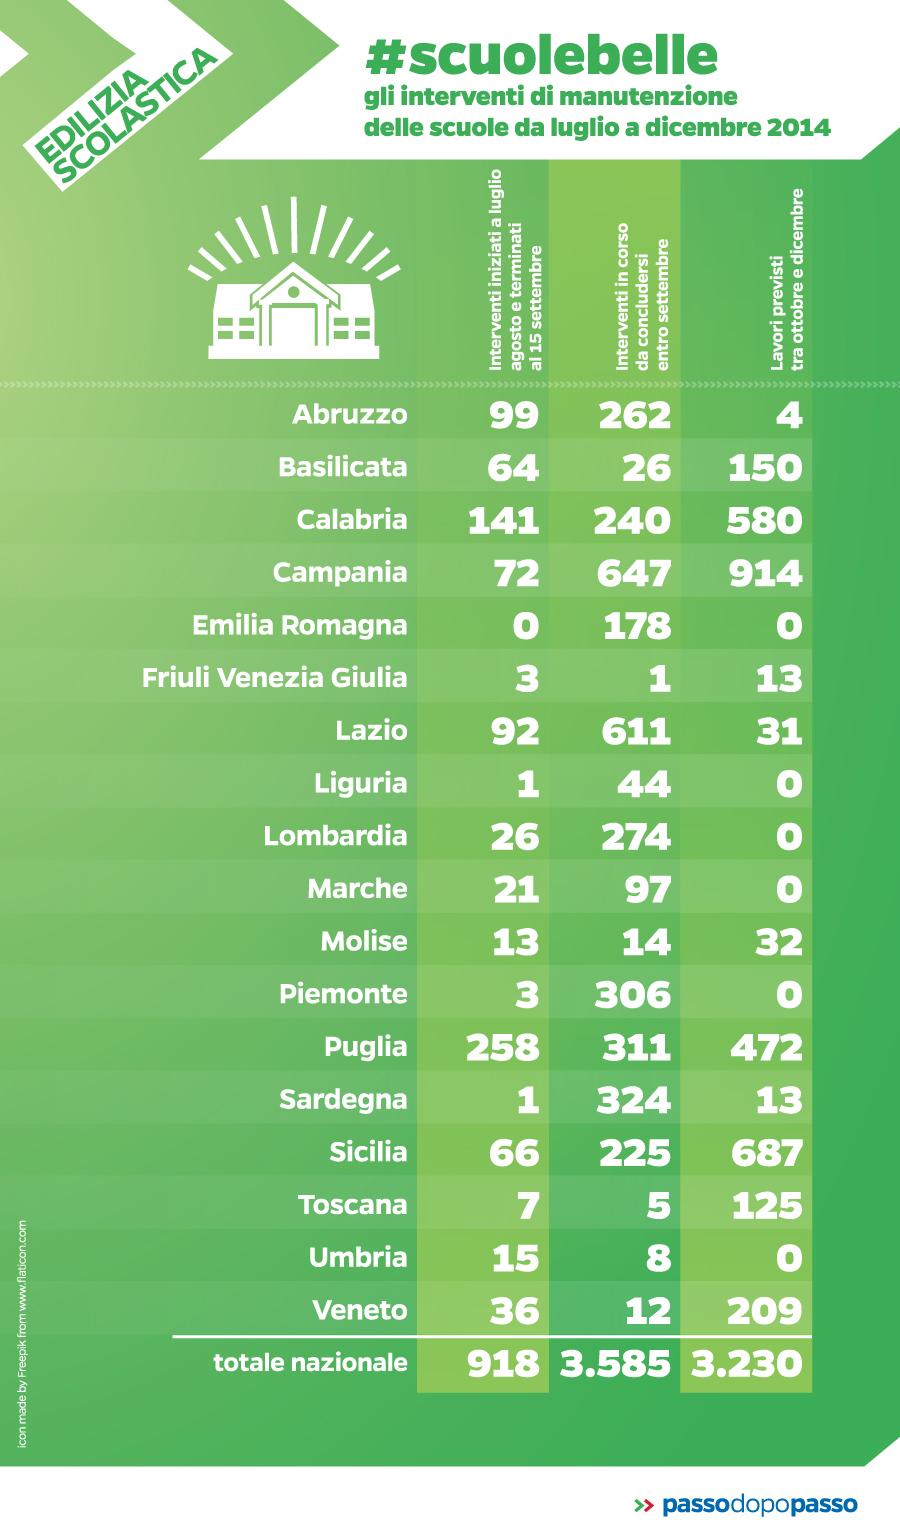 Infografica: #scuolebelle, interventi di manutenzione nelle scuole lug-dic 2014